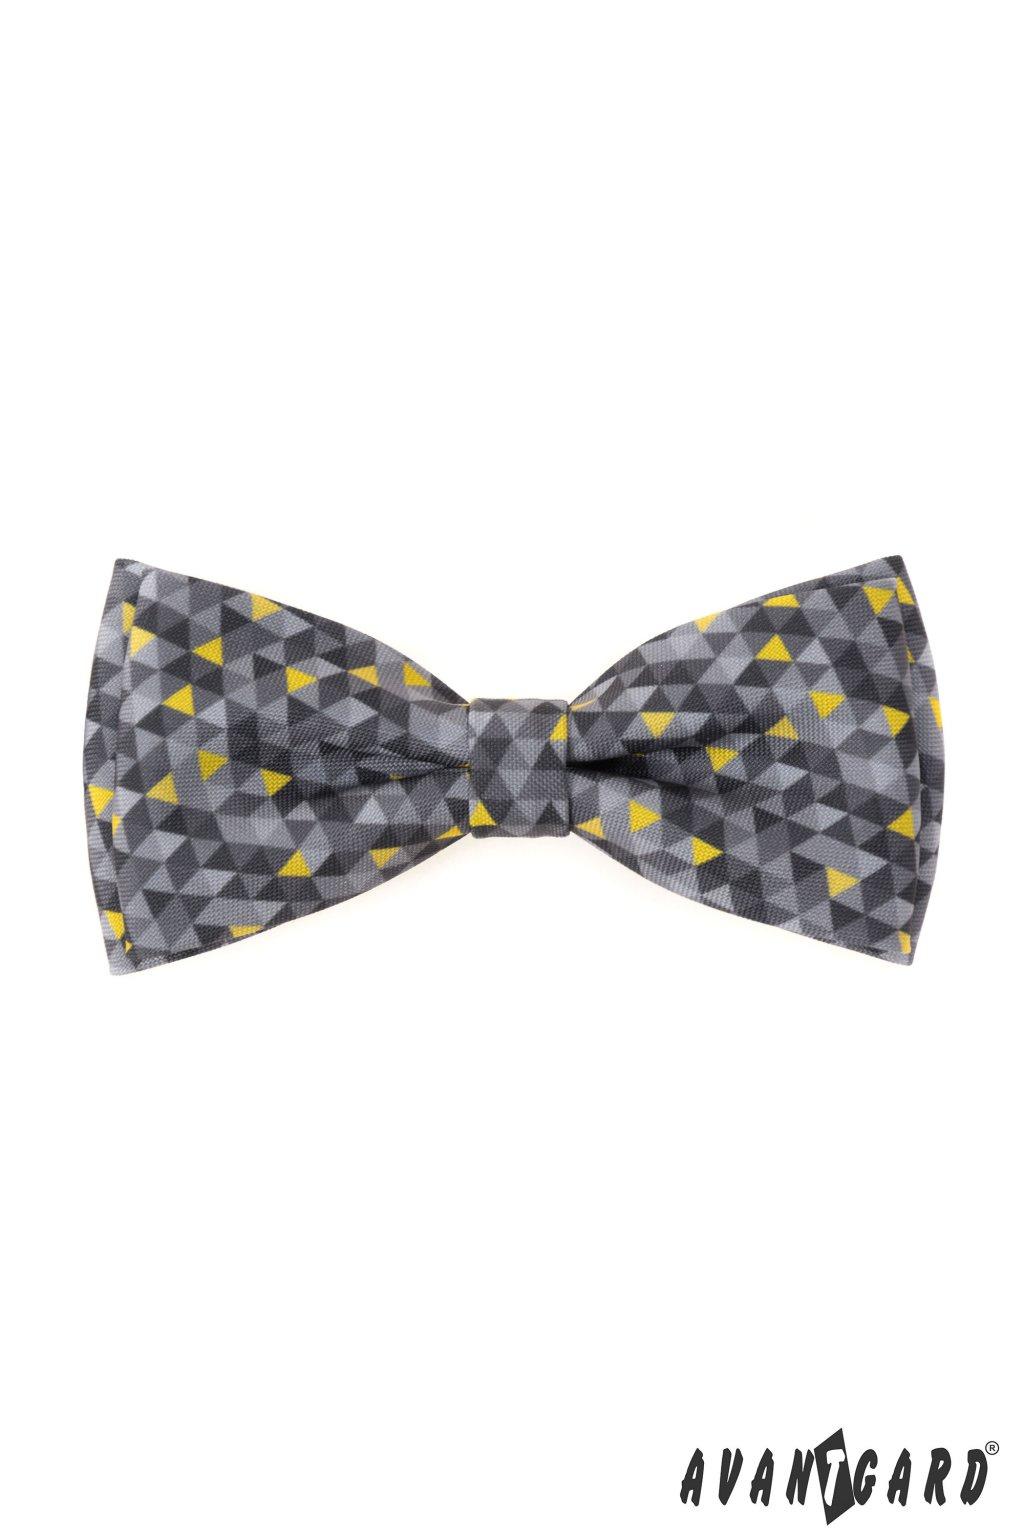 Motýlek s kapesníčkem šedá/žlutá, barva roku 2021 575 - 2021